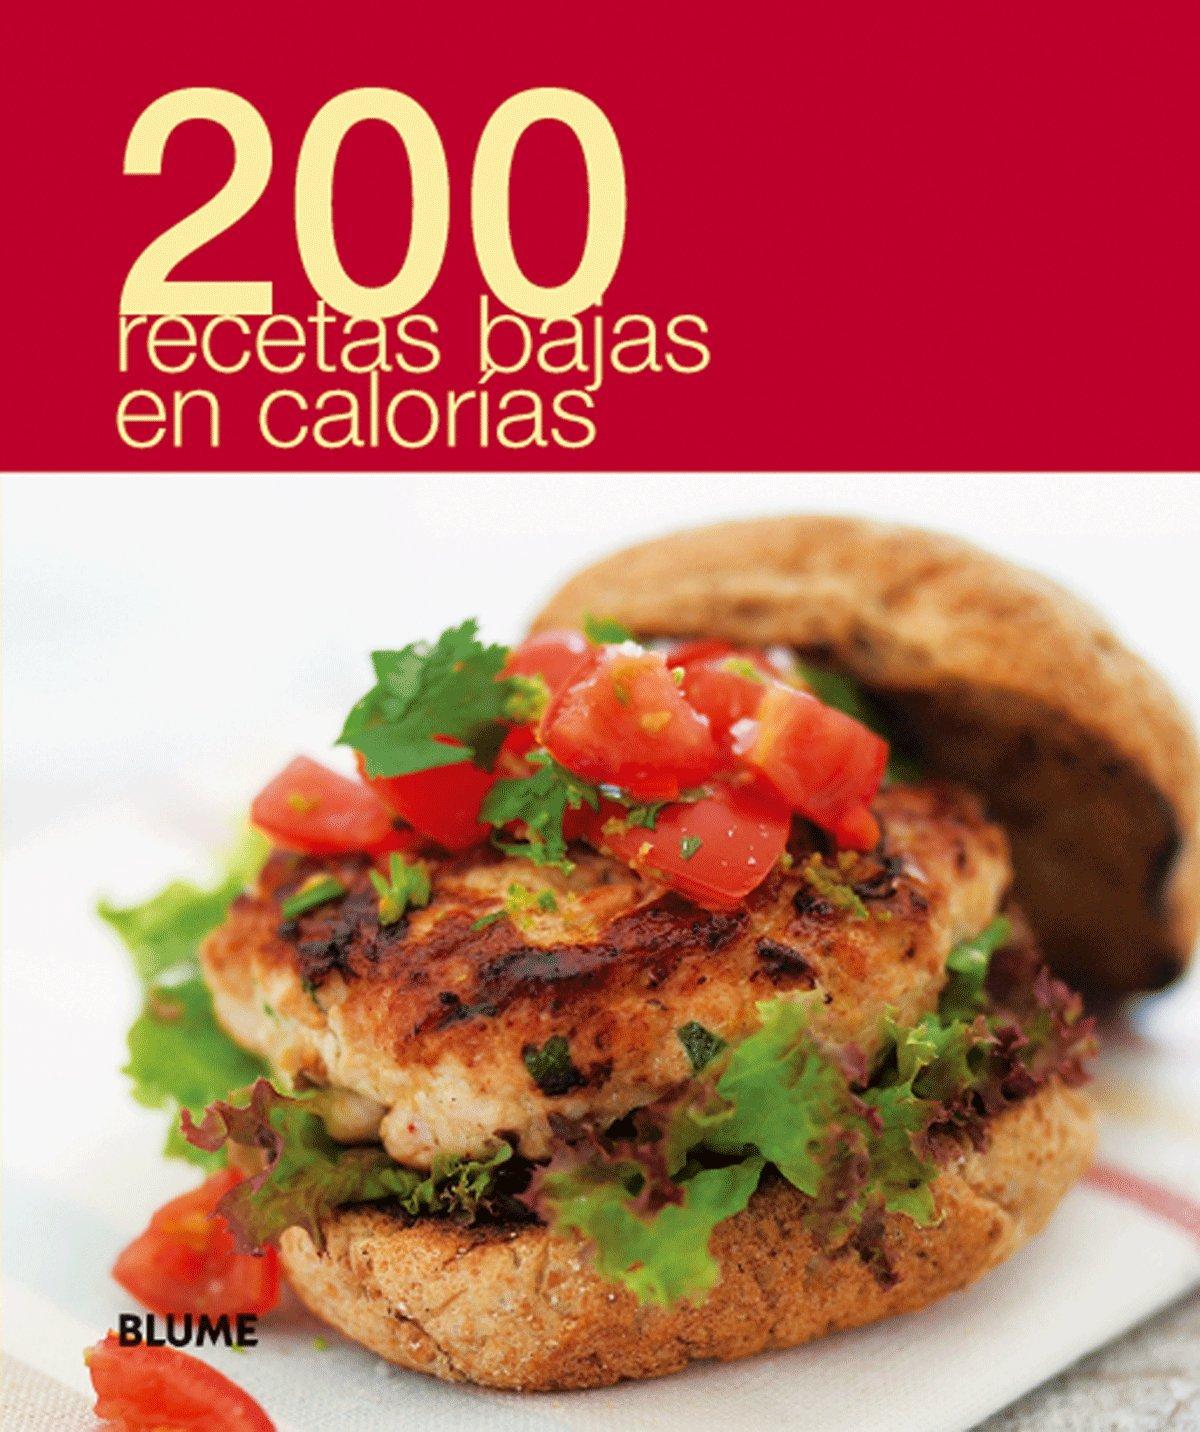 200 recetas bajas en calorías (Spanish Edition) (Spanish) Paperback – July 1, 2012